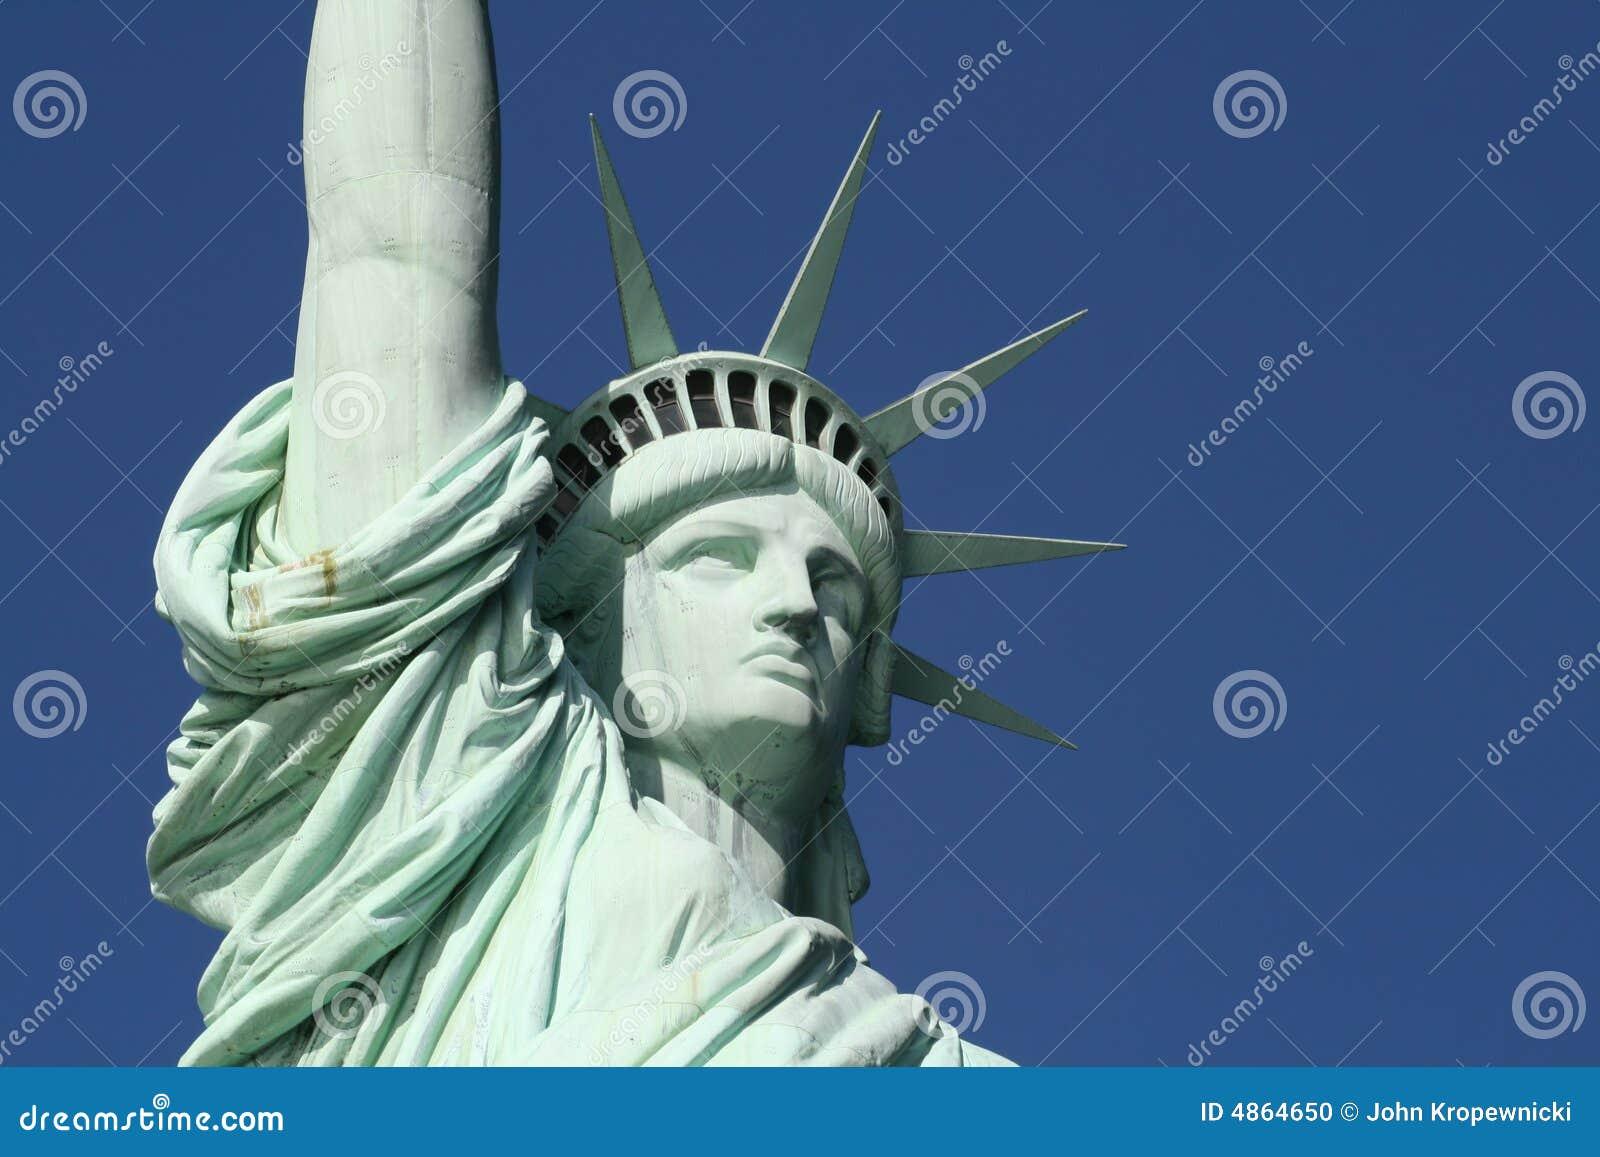 головная вольность взваливает на плечи статую